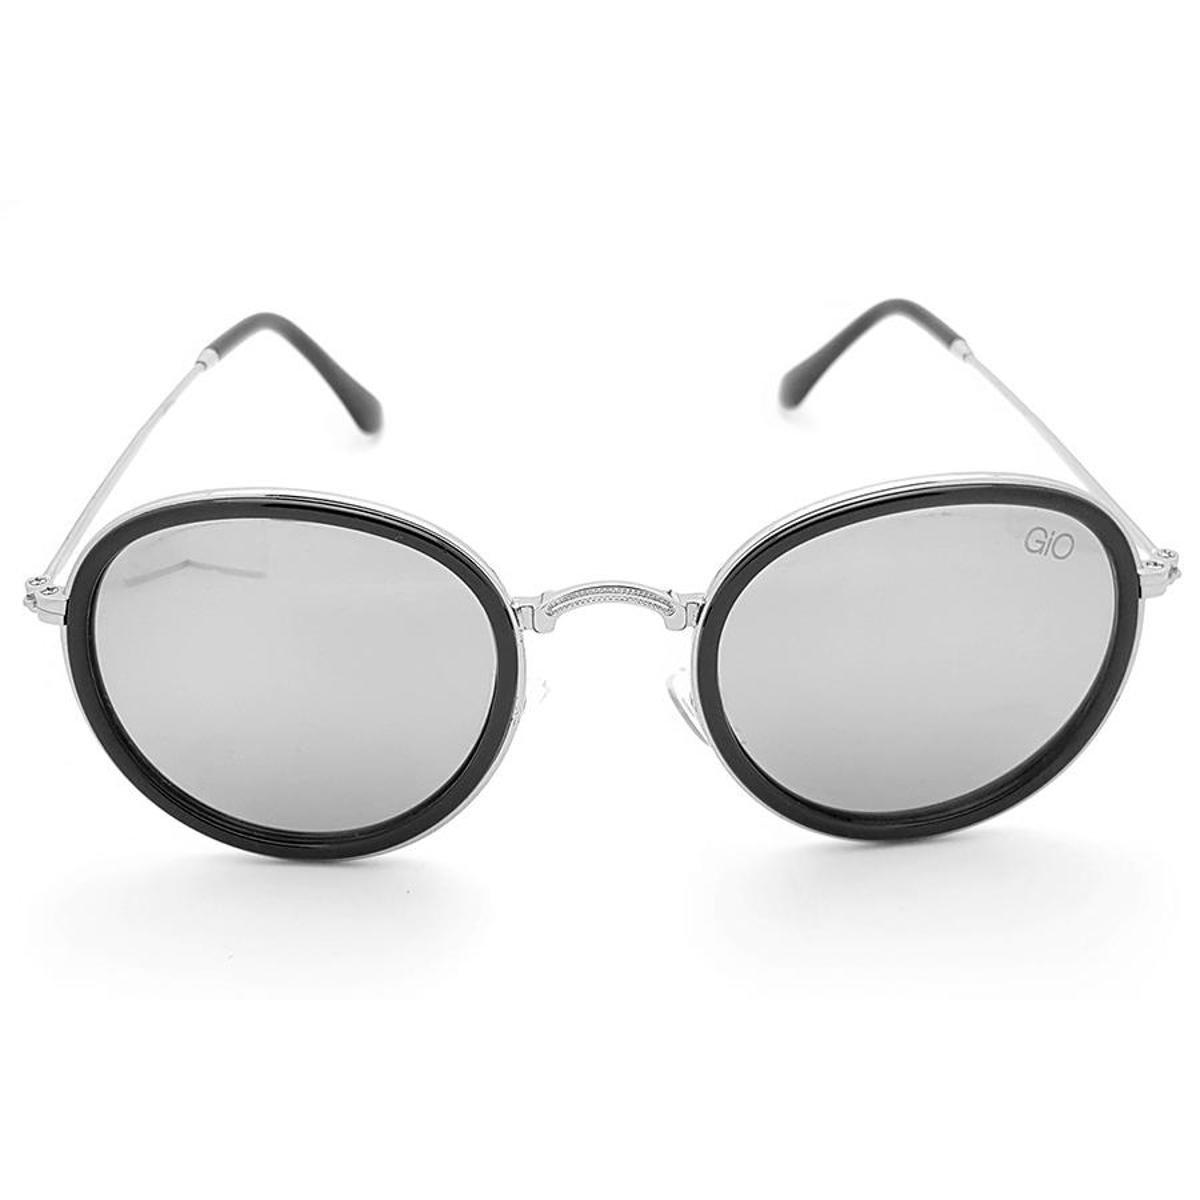 352913d31 Óculos de Sol Gio Antonelli Lente Prata Espelhada Feminino | Zattini